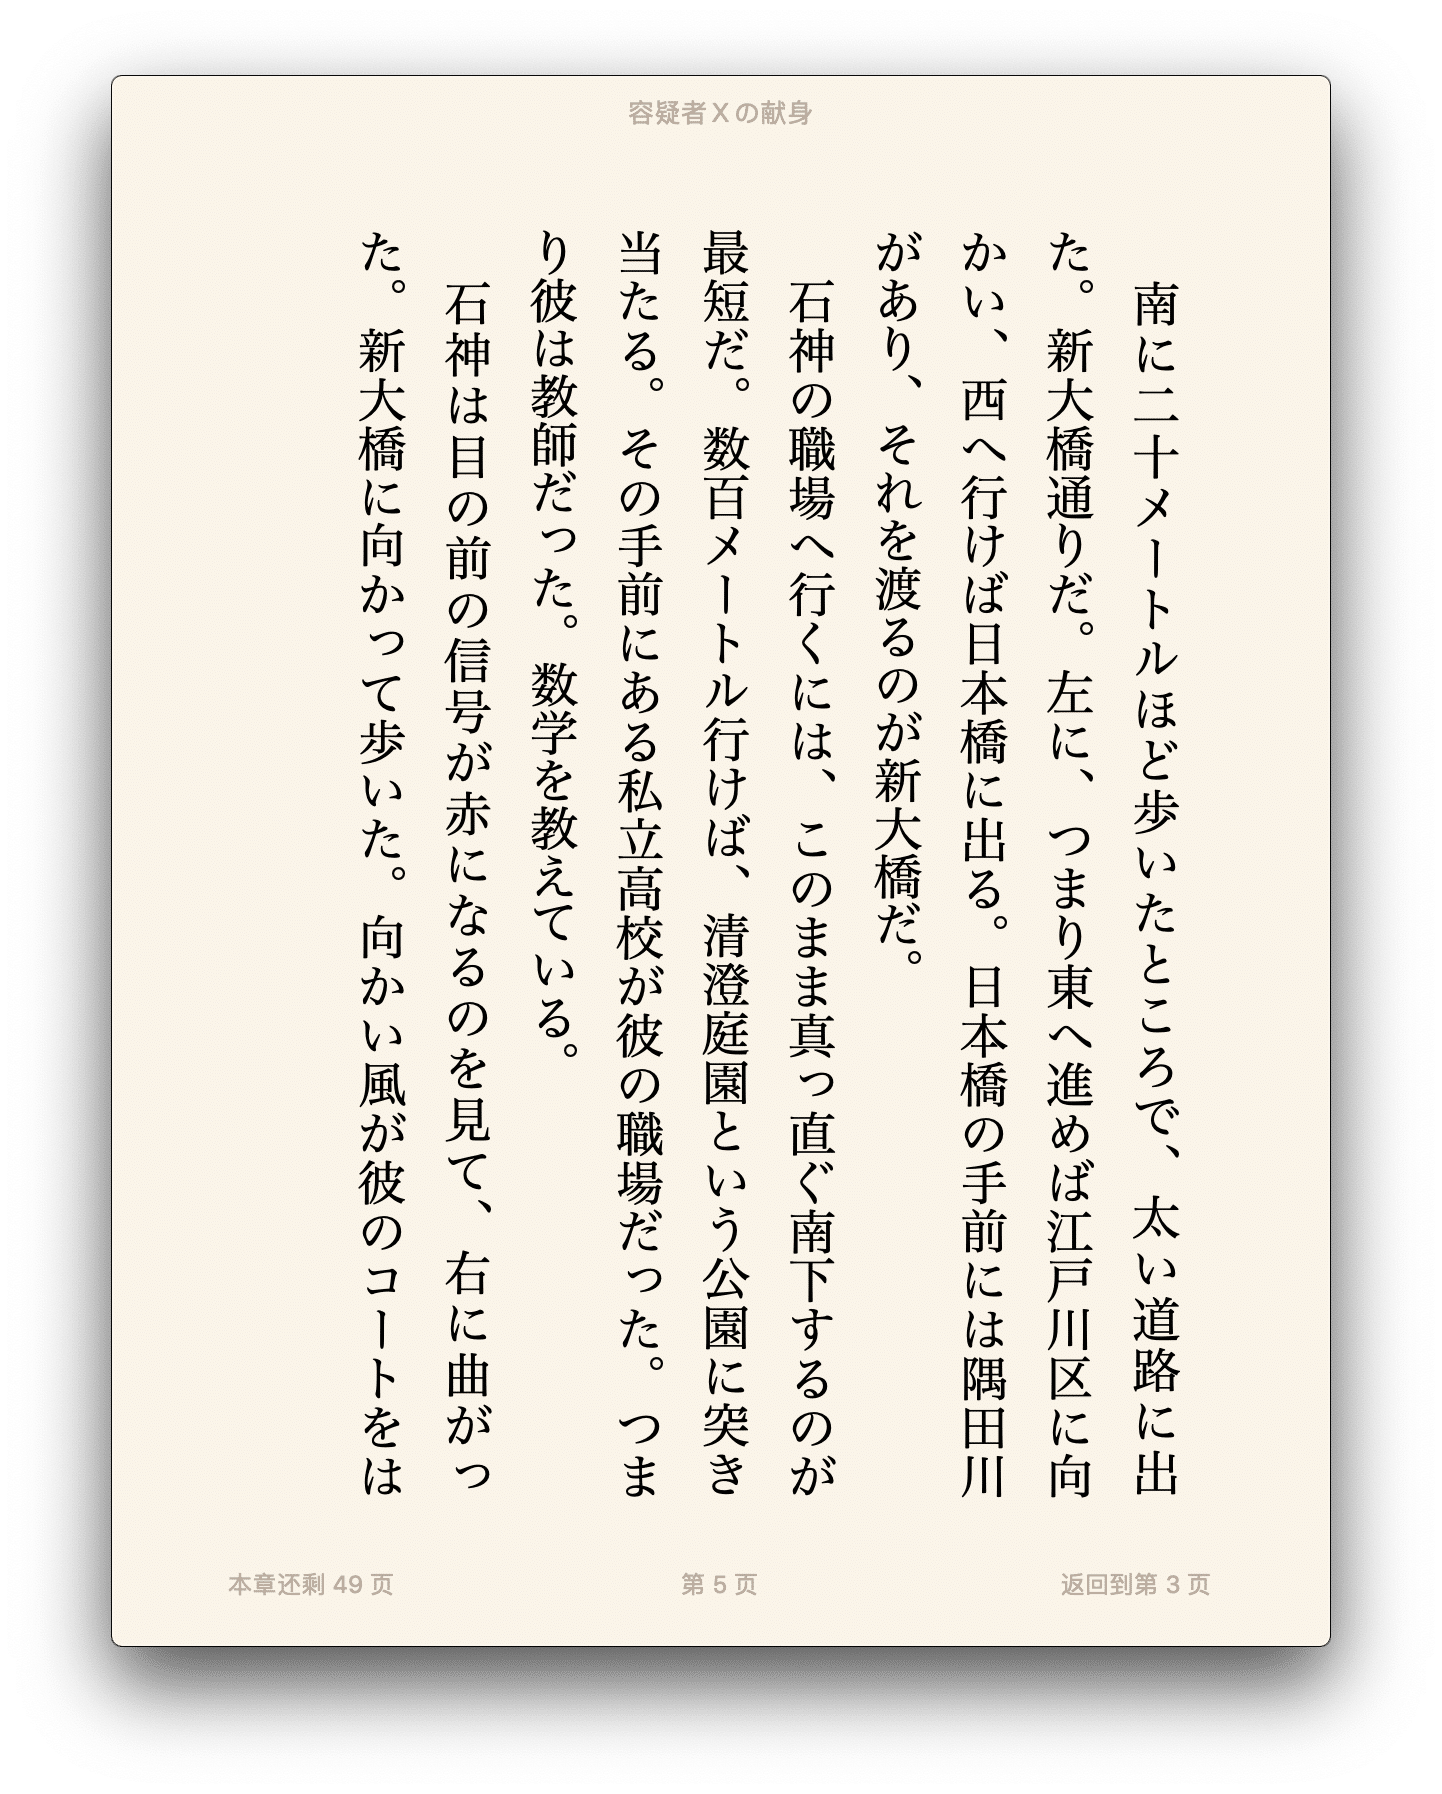 东野圭吾推理小说合集-样张-1